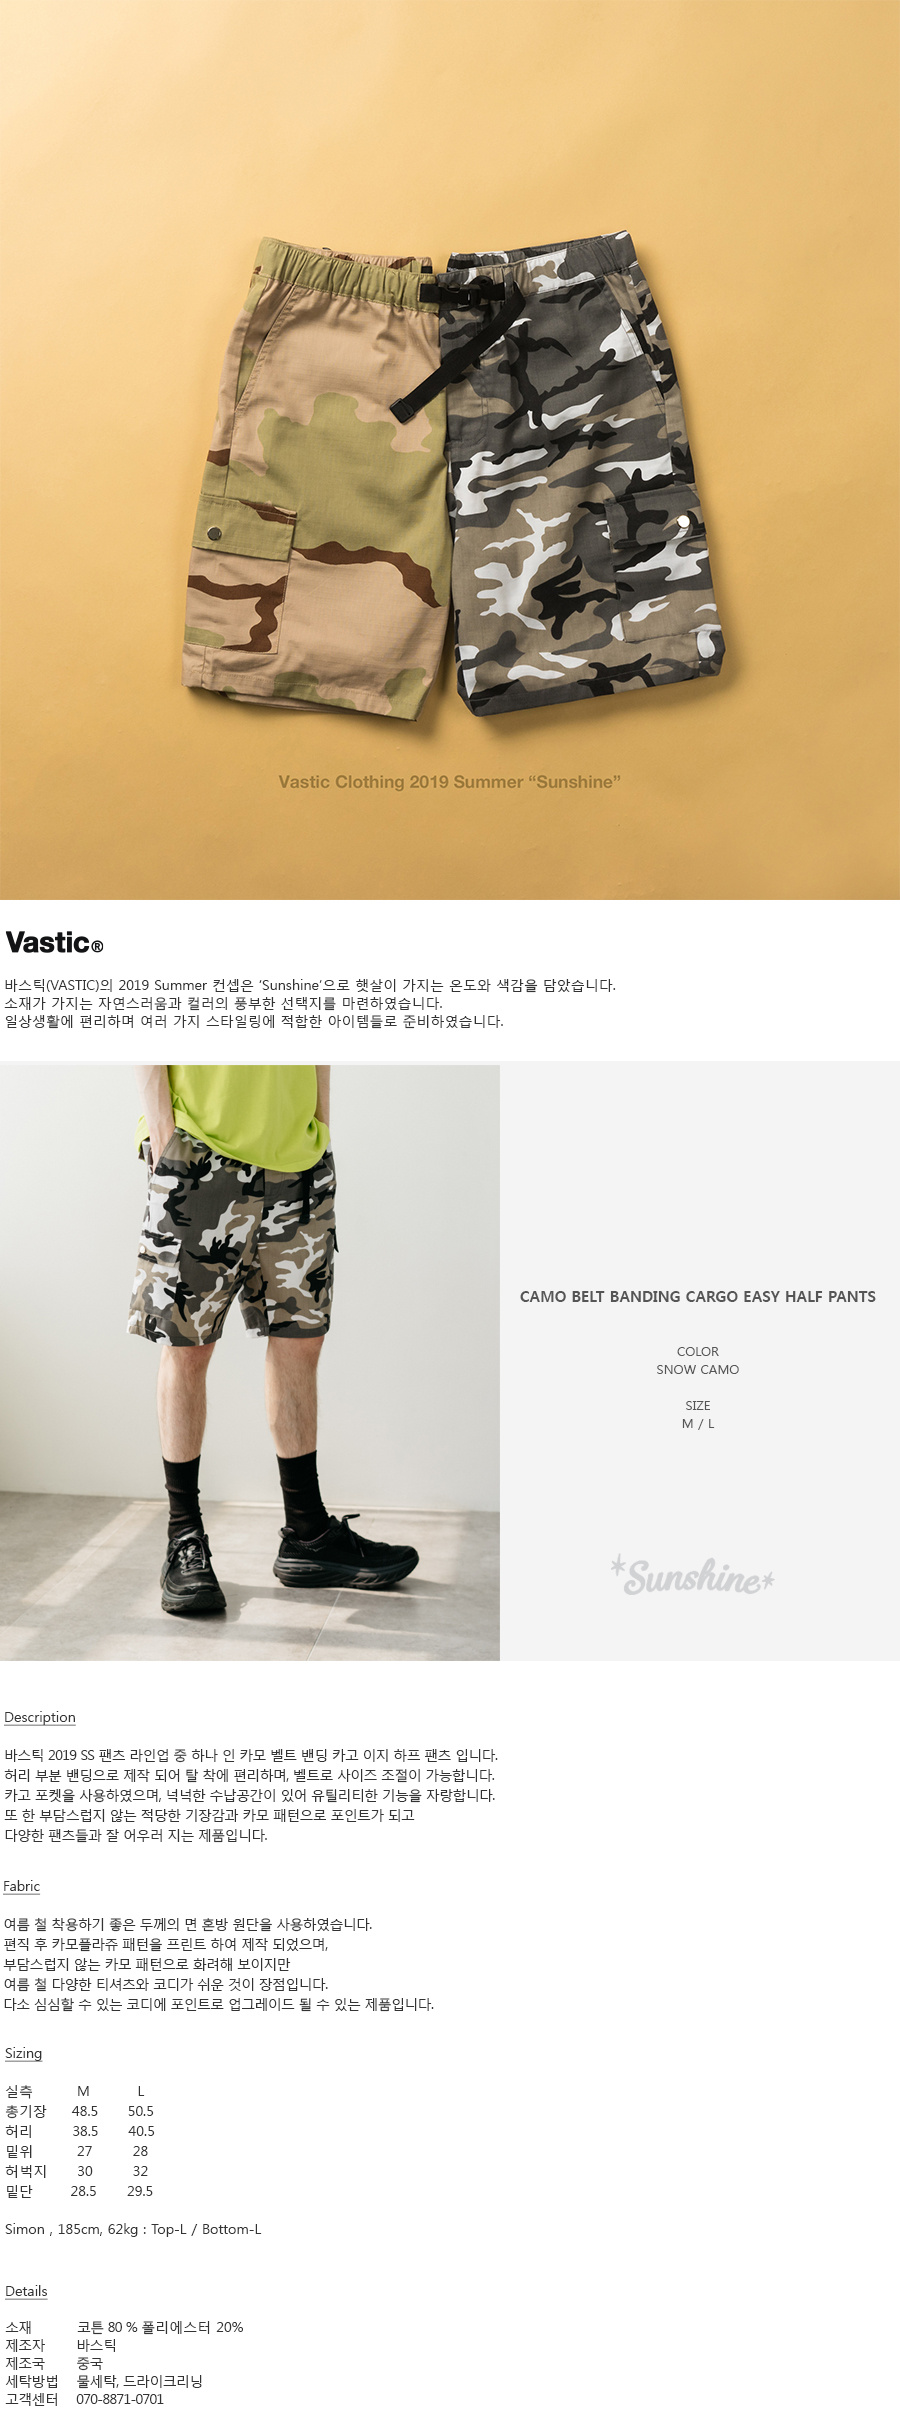 바스틱(VASTIC) 카모 벨트 밴딩 카고 이지 하프 팬츠_스노우 카모